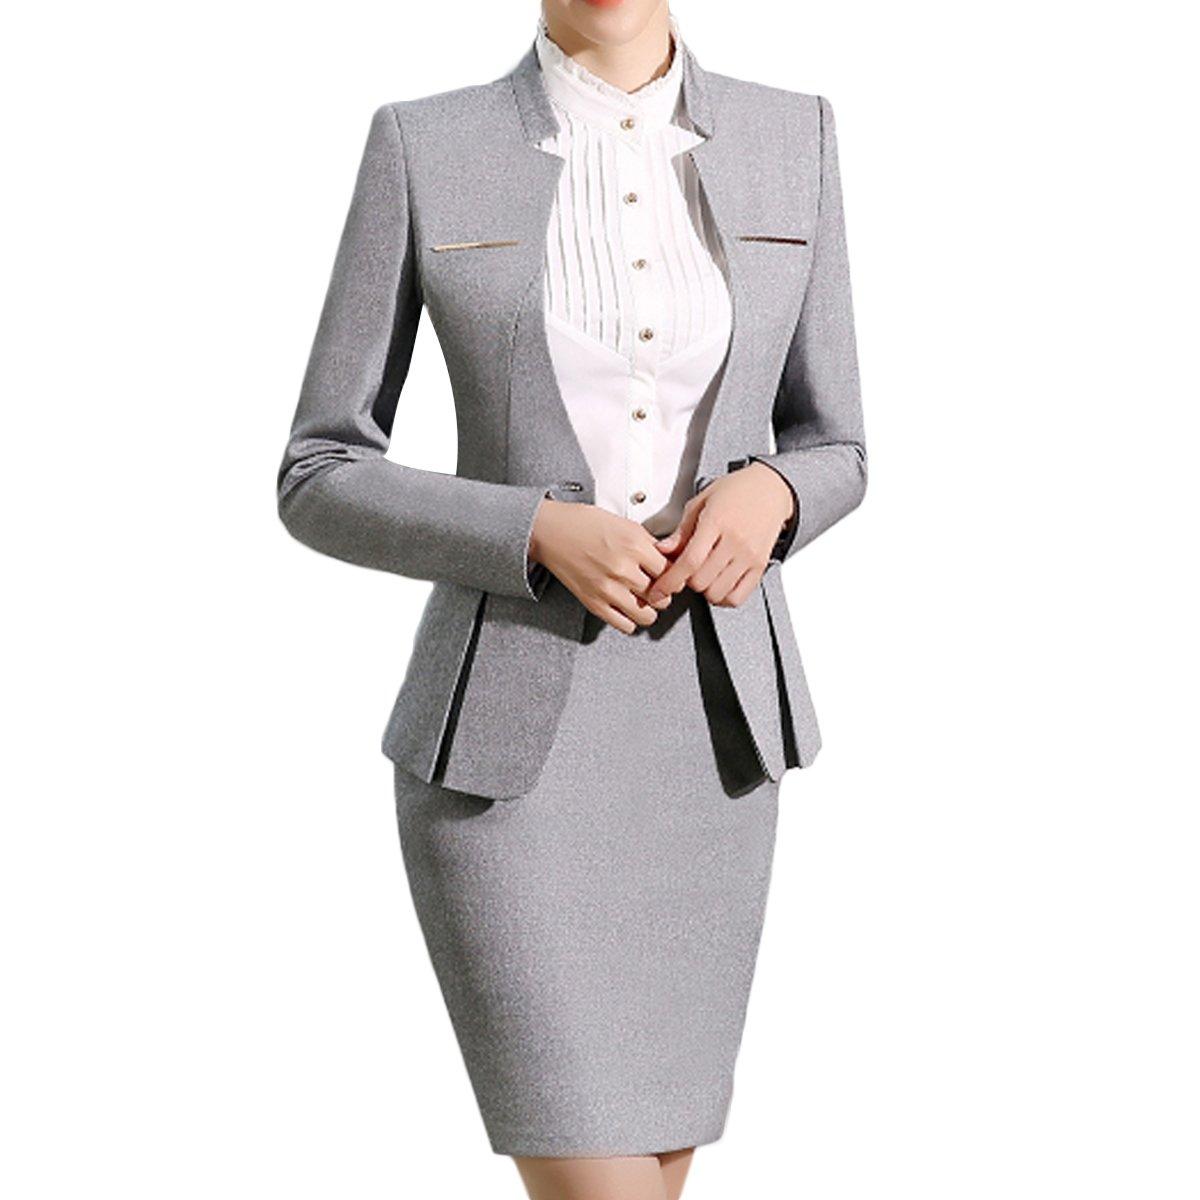 セットアップ スーツセット大きいサイズ スーツ 卒業式 長袖 結婚式 OL出勤服 スーツ スカートスーツ ビジネス服 おしゃれ 上下 洋服 レディース フォーマルスーツ セット 2点セット スーツ